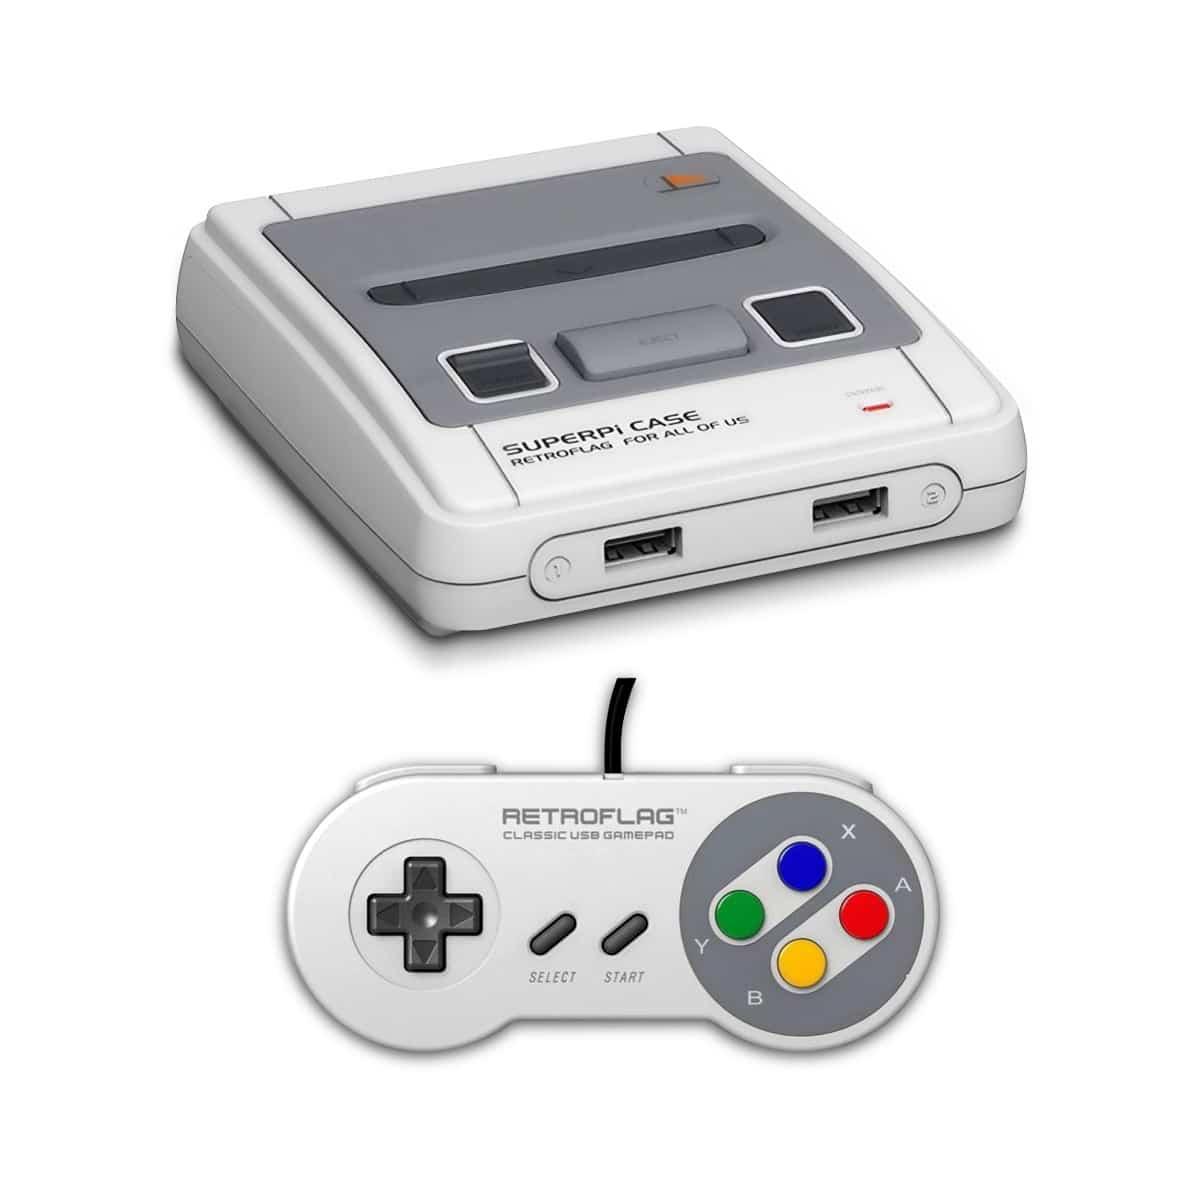 console-raspberry-recalbox-jeux-anciens-retro-retrogaming-achat-vente-prix-toute-prete-45000-snes-mini-hdmi-moderne-prete-jouer-super-pi